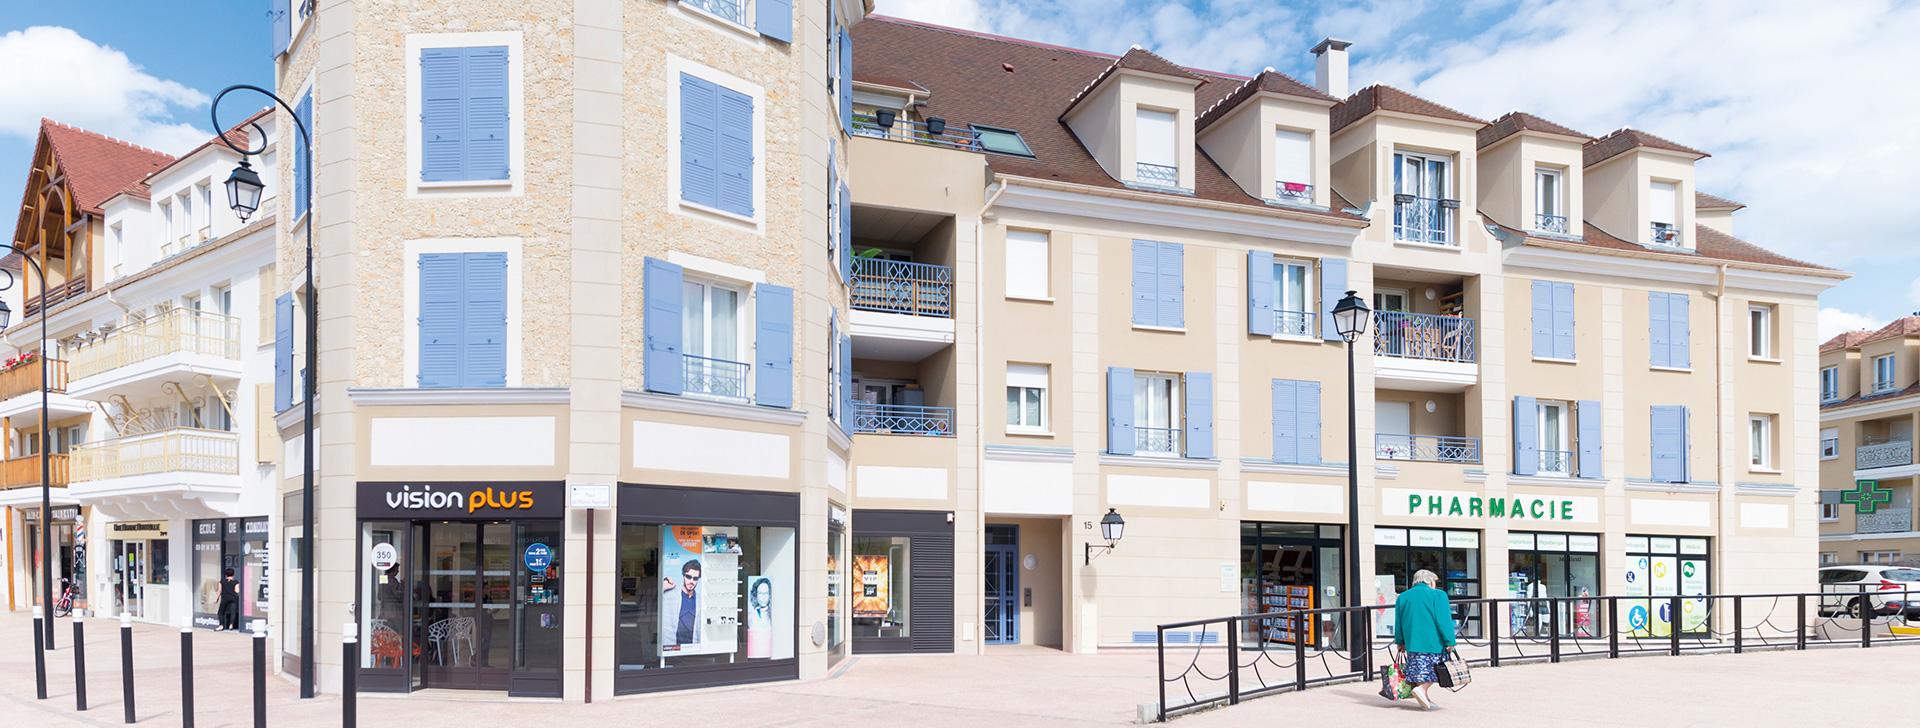 TIGERY VILLAGE à TIGERY (91) - Place du Plessis-Saucourt